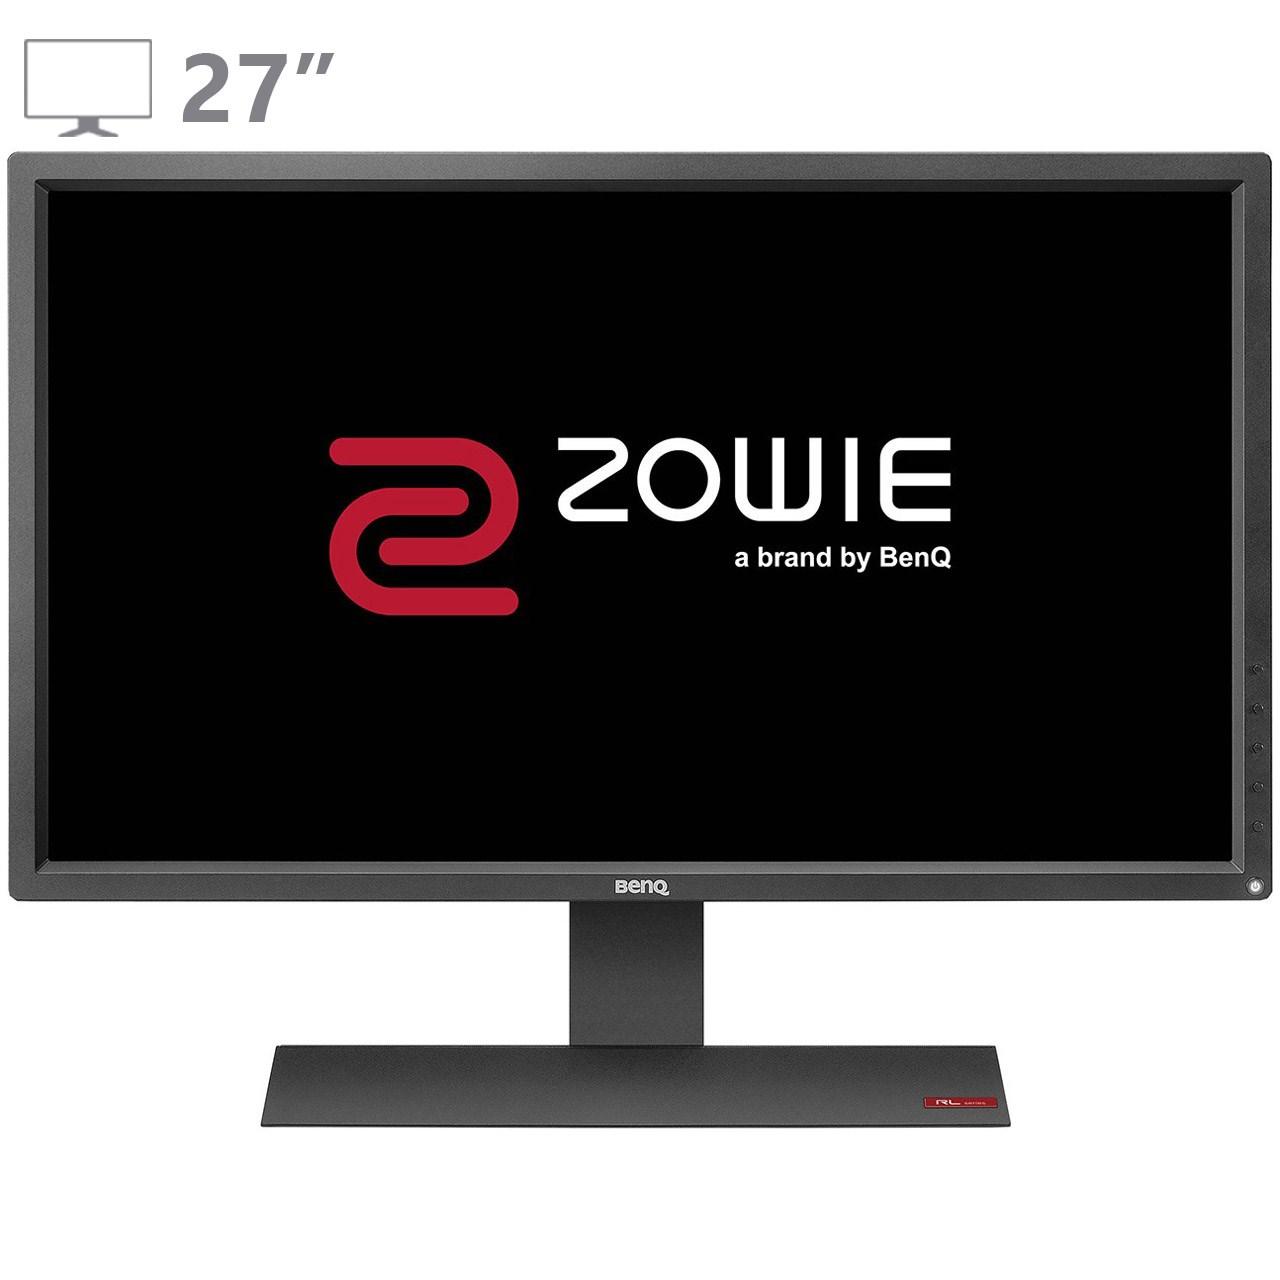 مانیتور بنکیو مدل ZOWIE RL2755 سایز 27 اینچ